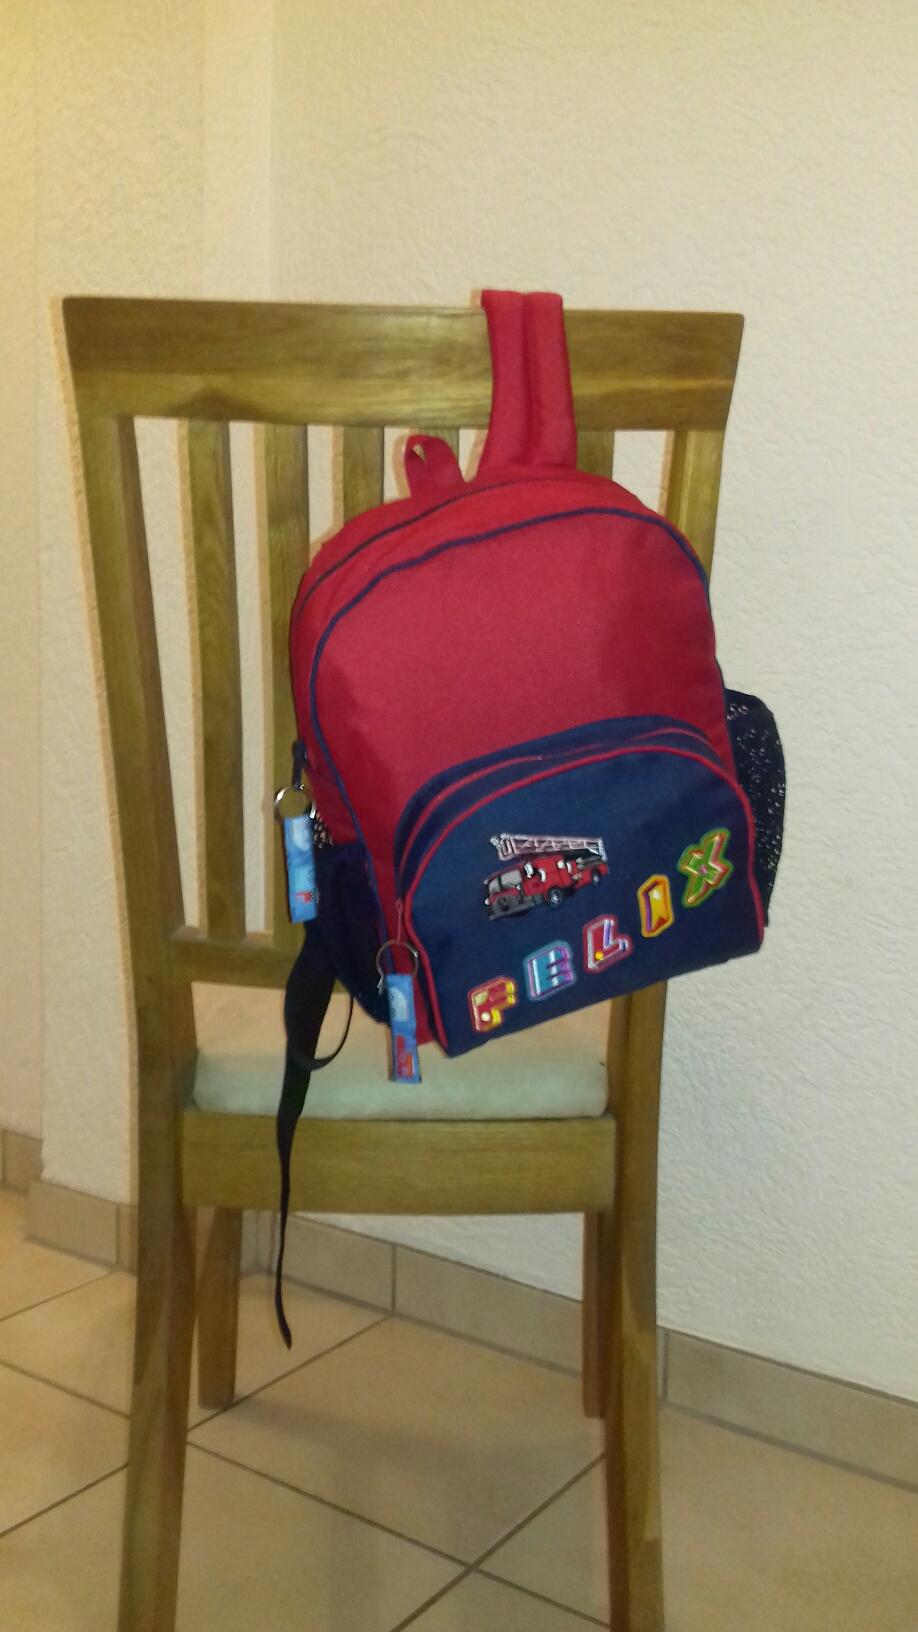 Kinderrucksack aus teflonbeschichtetem Material. Rücken und Träger sind mit Schaumstoff abgefüttert